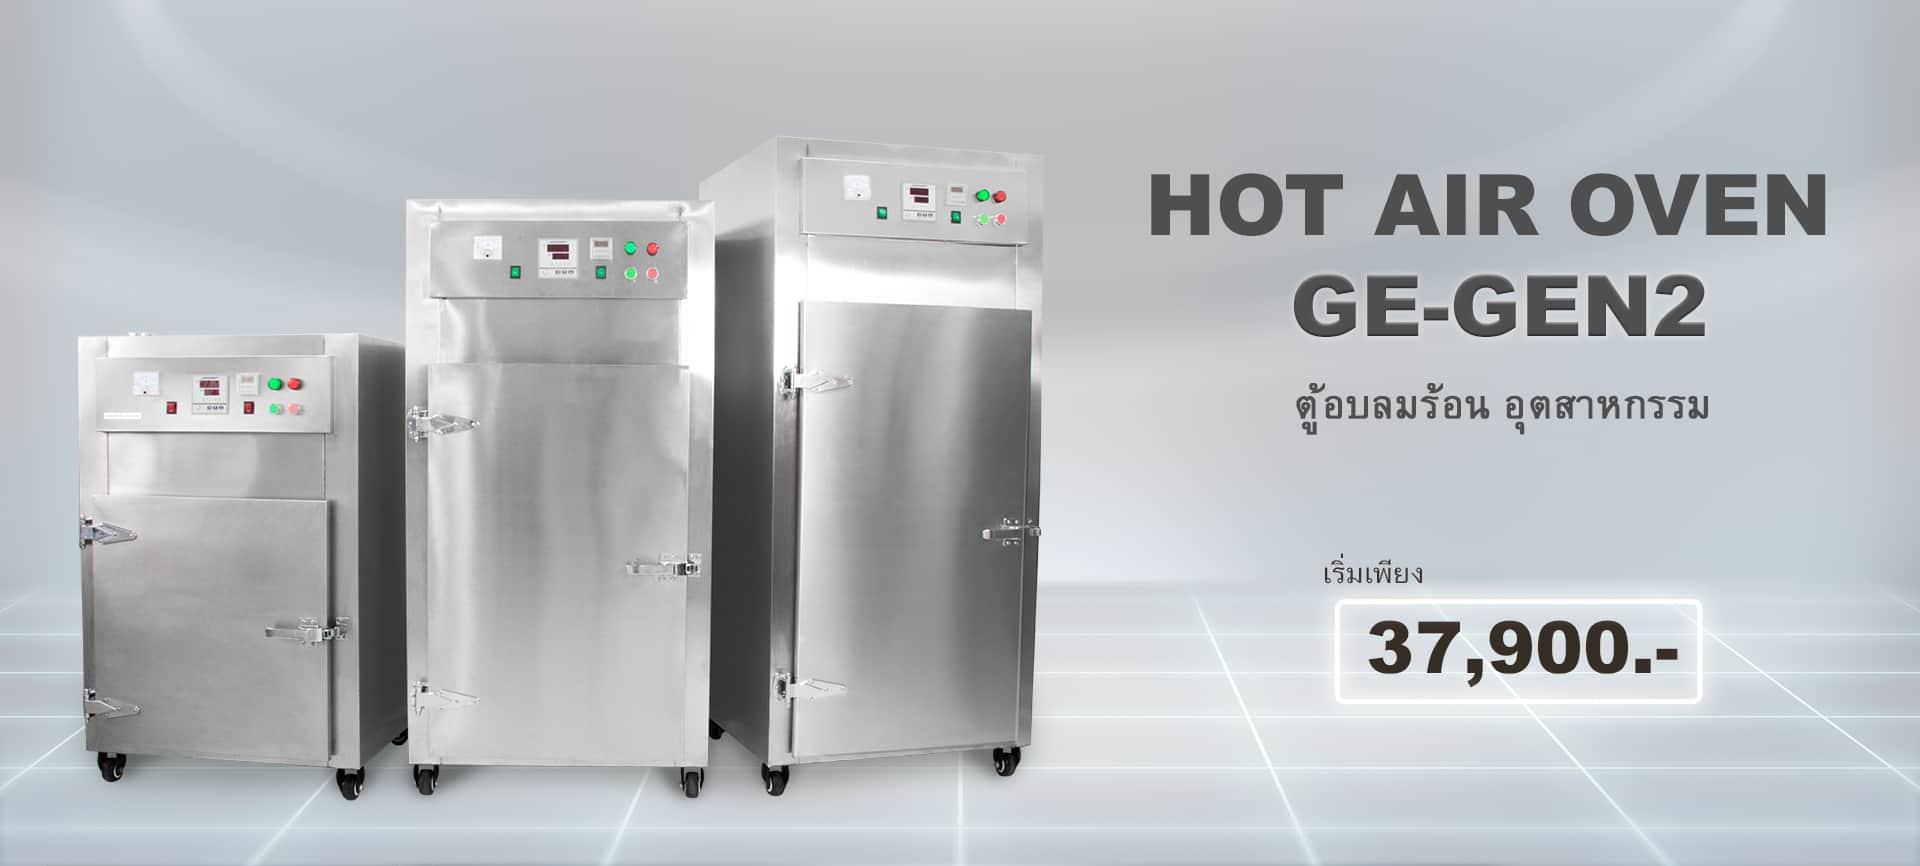 เตาอบลมร้อน-ตู้อบลมร้อน-GE-GEN2-ราคาV.2